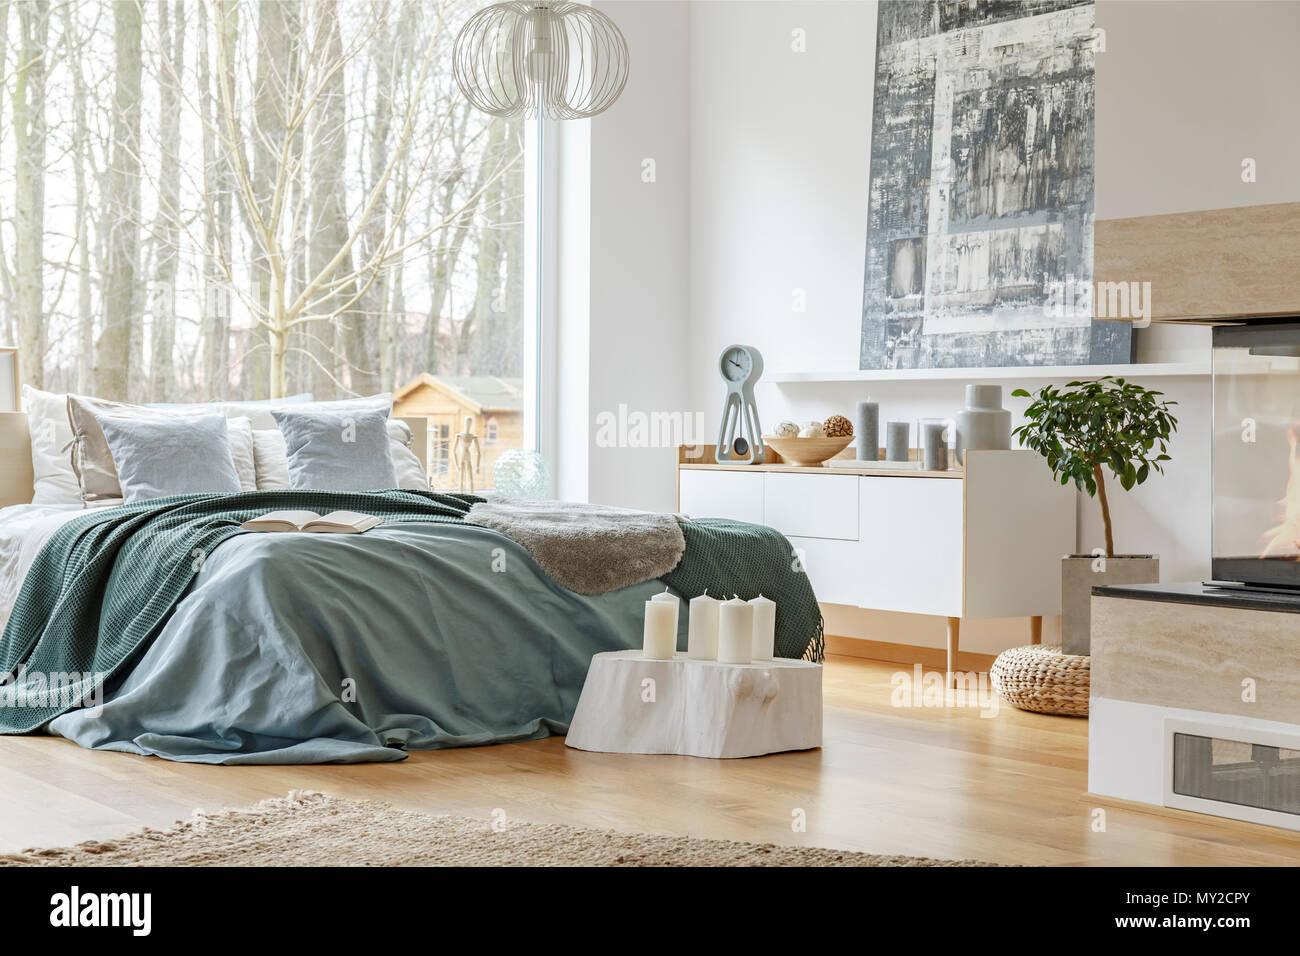 King Size Bett Mit Einer Gemütlichen Betten Große Fenster Regale